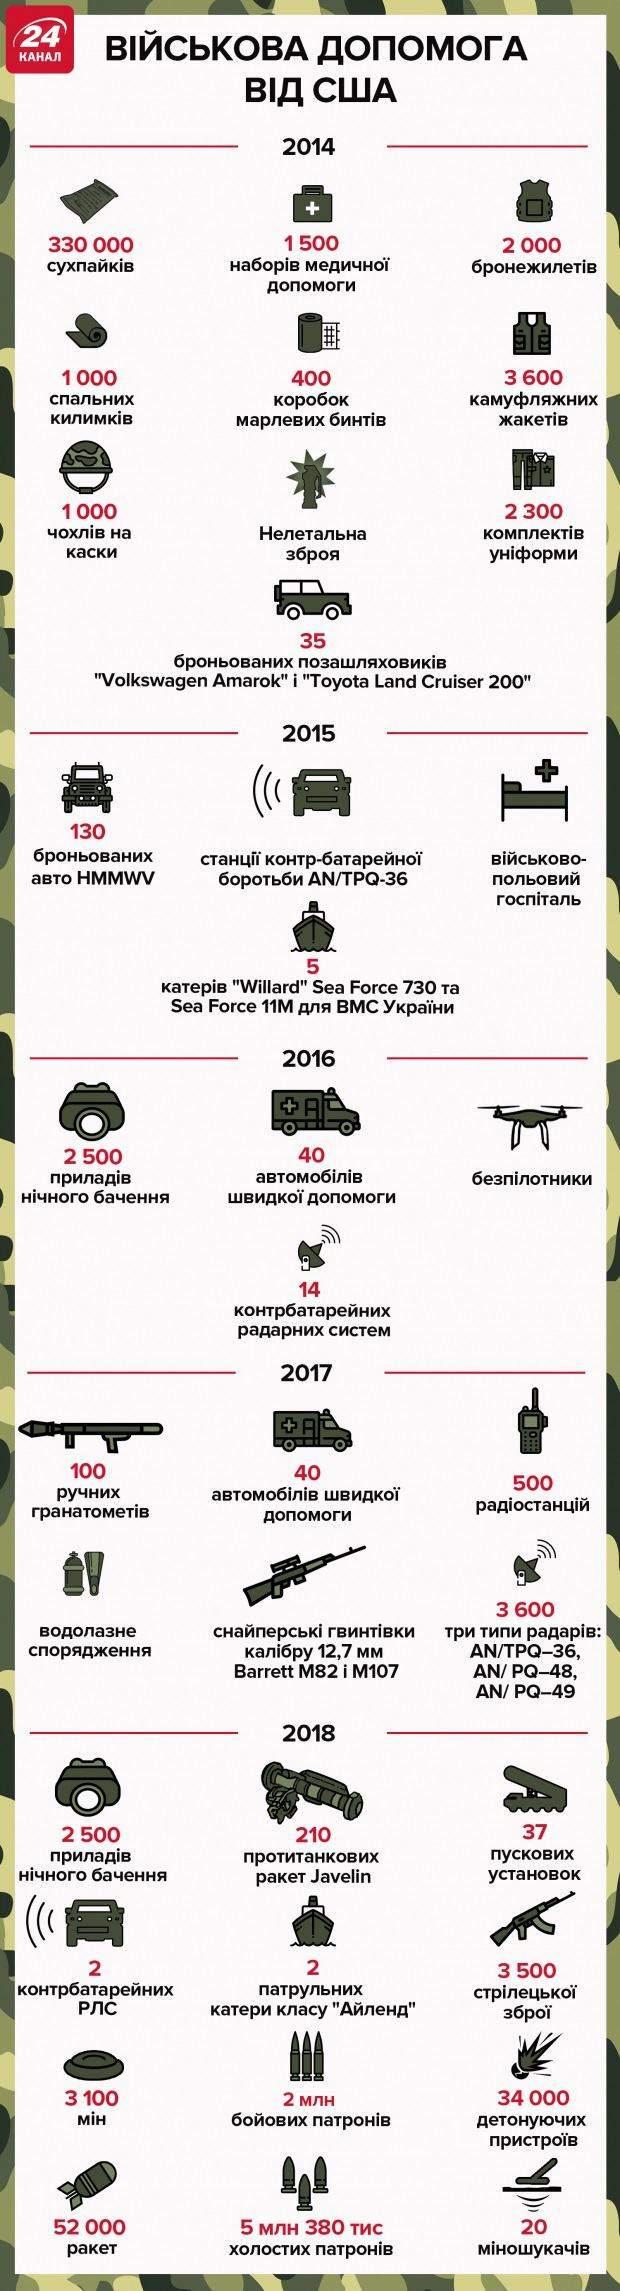 Украина готовит новый визит Зеленского в США, – Кулеба